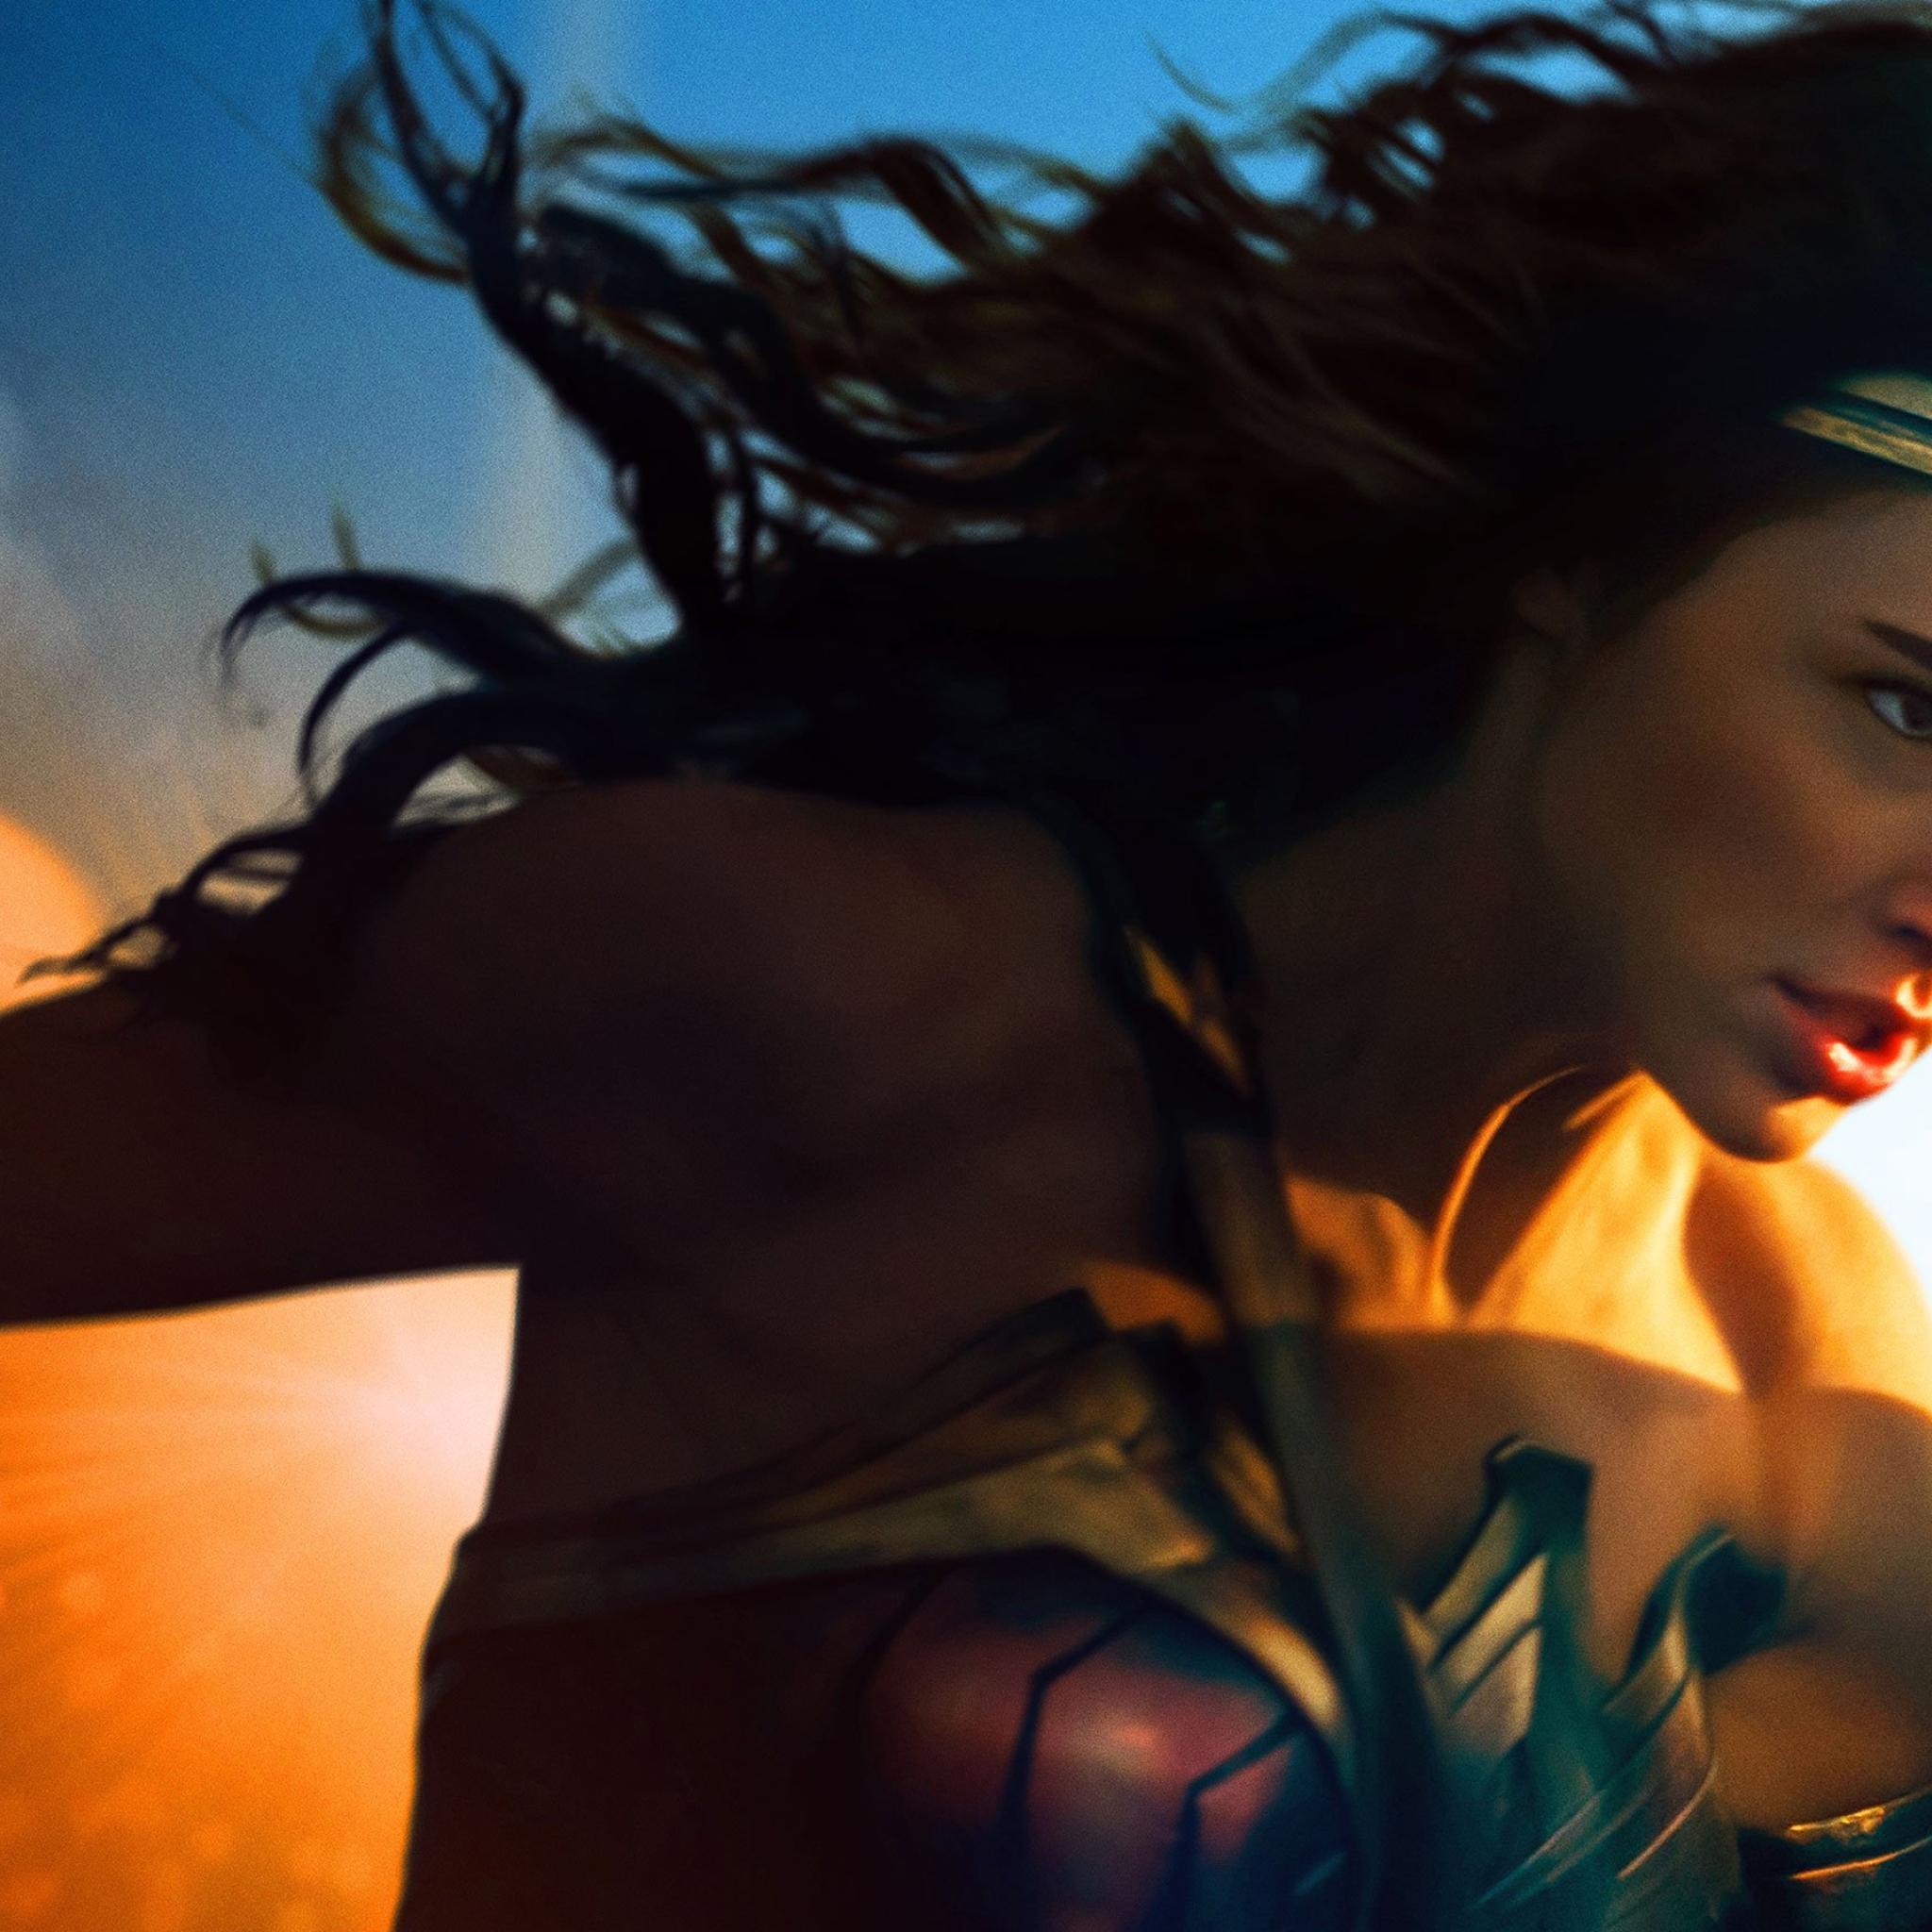 2048x2048 Gal Gadot In Wonder Woman 2017 Ipad Air Wallpaper